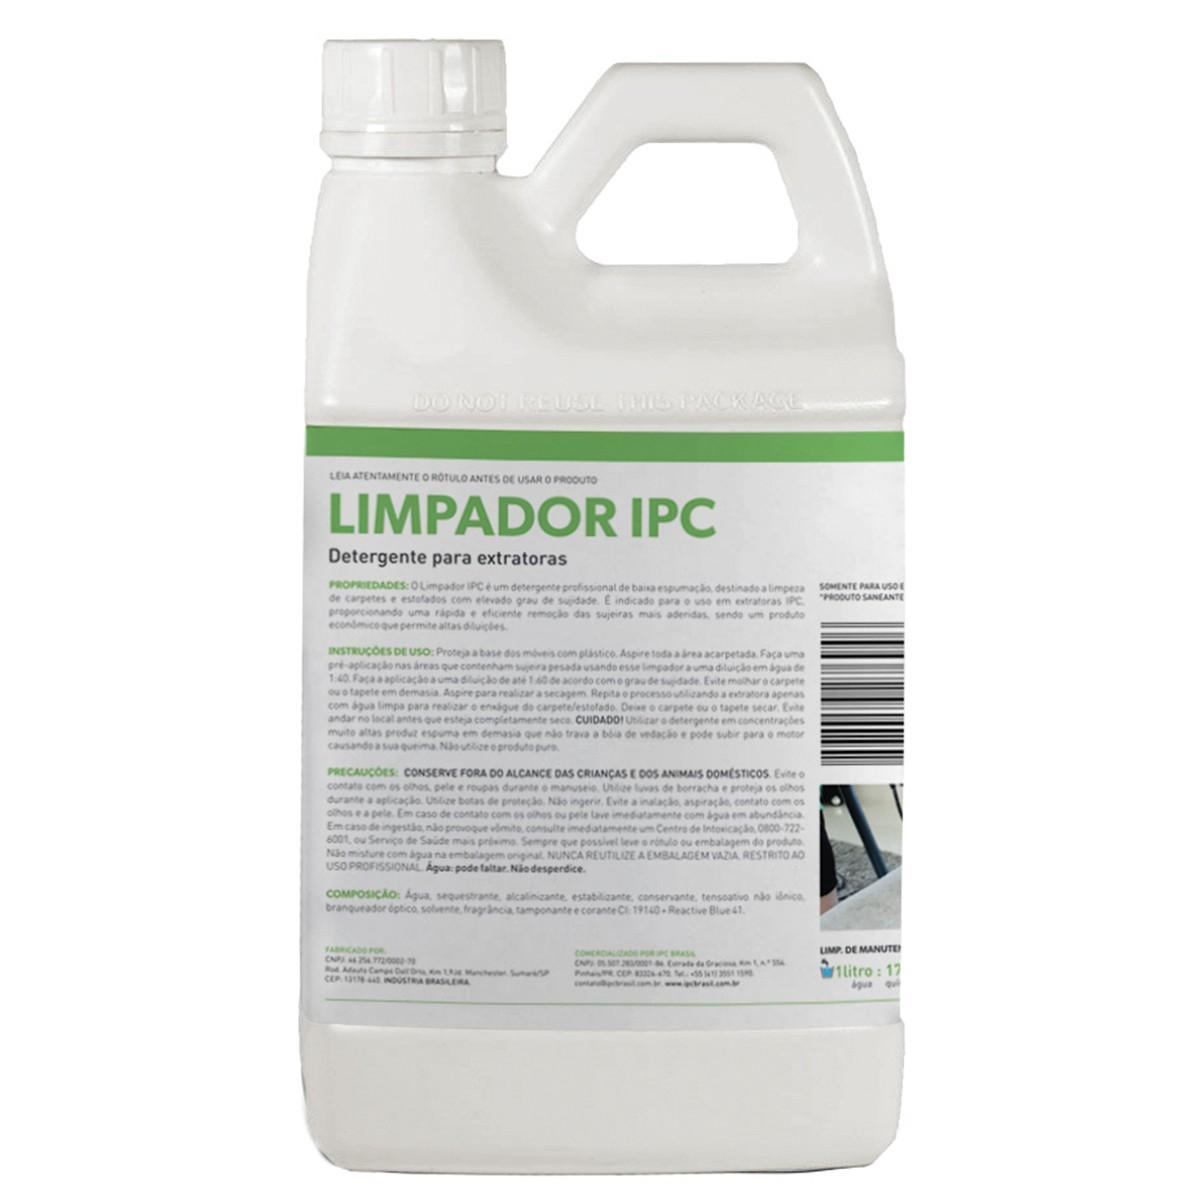 Detergente Limpador IPC 2Lt para Estofado Carpete Extratora